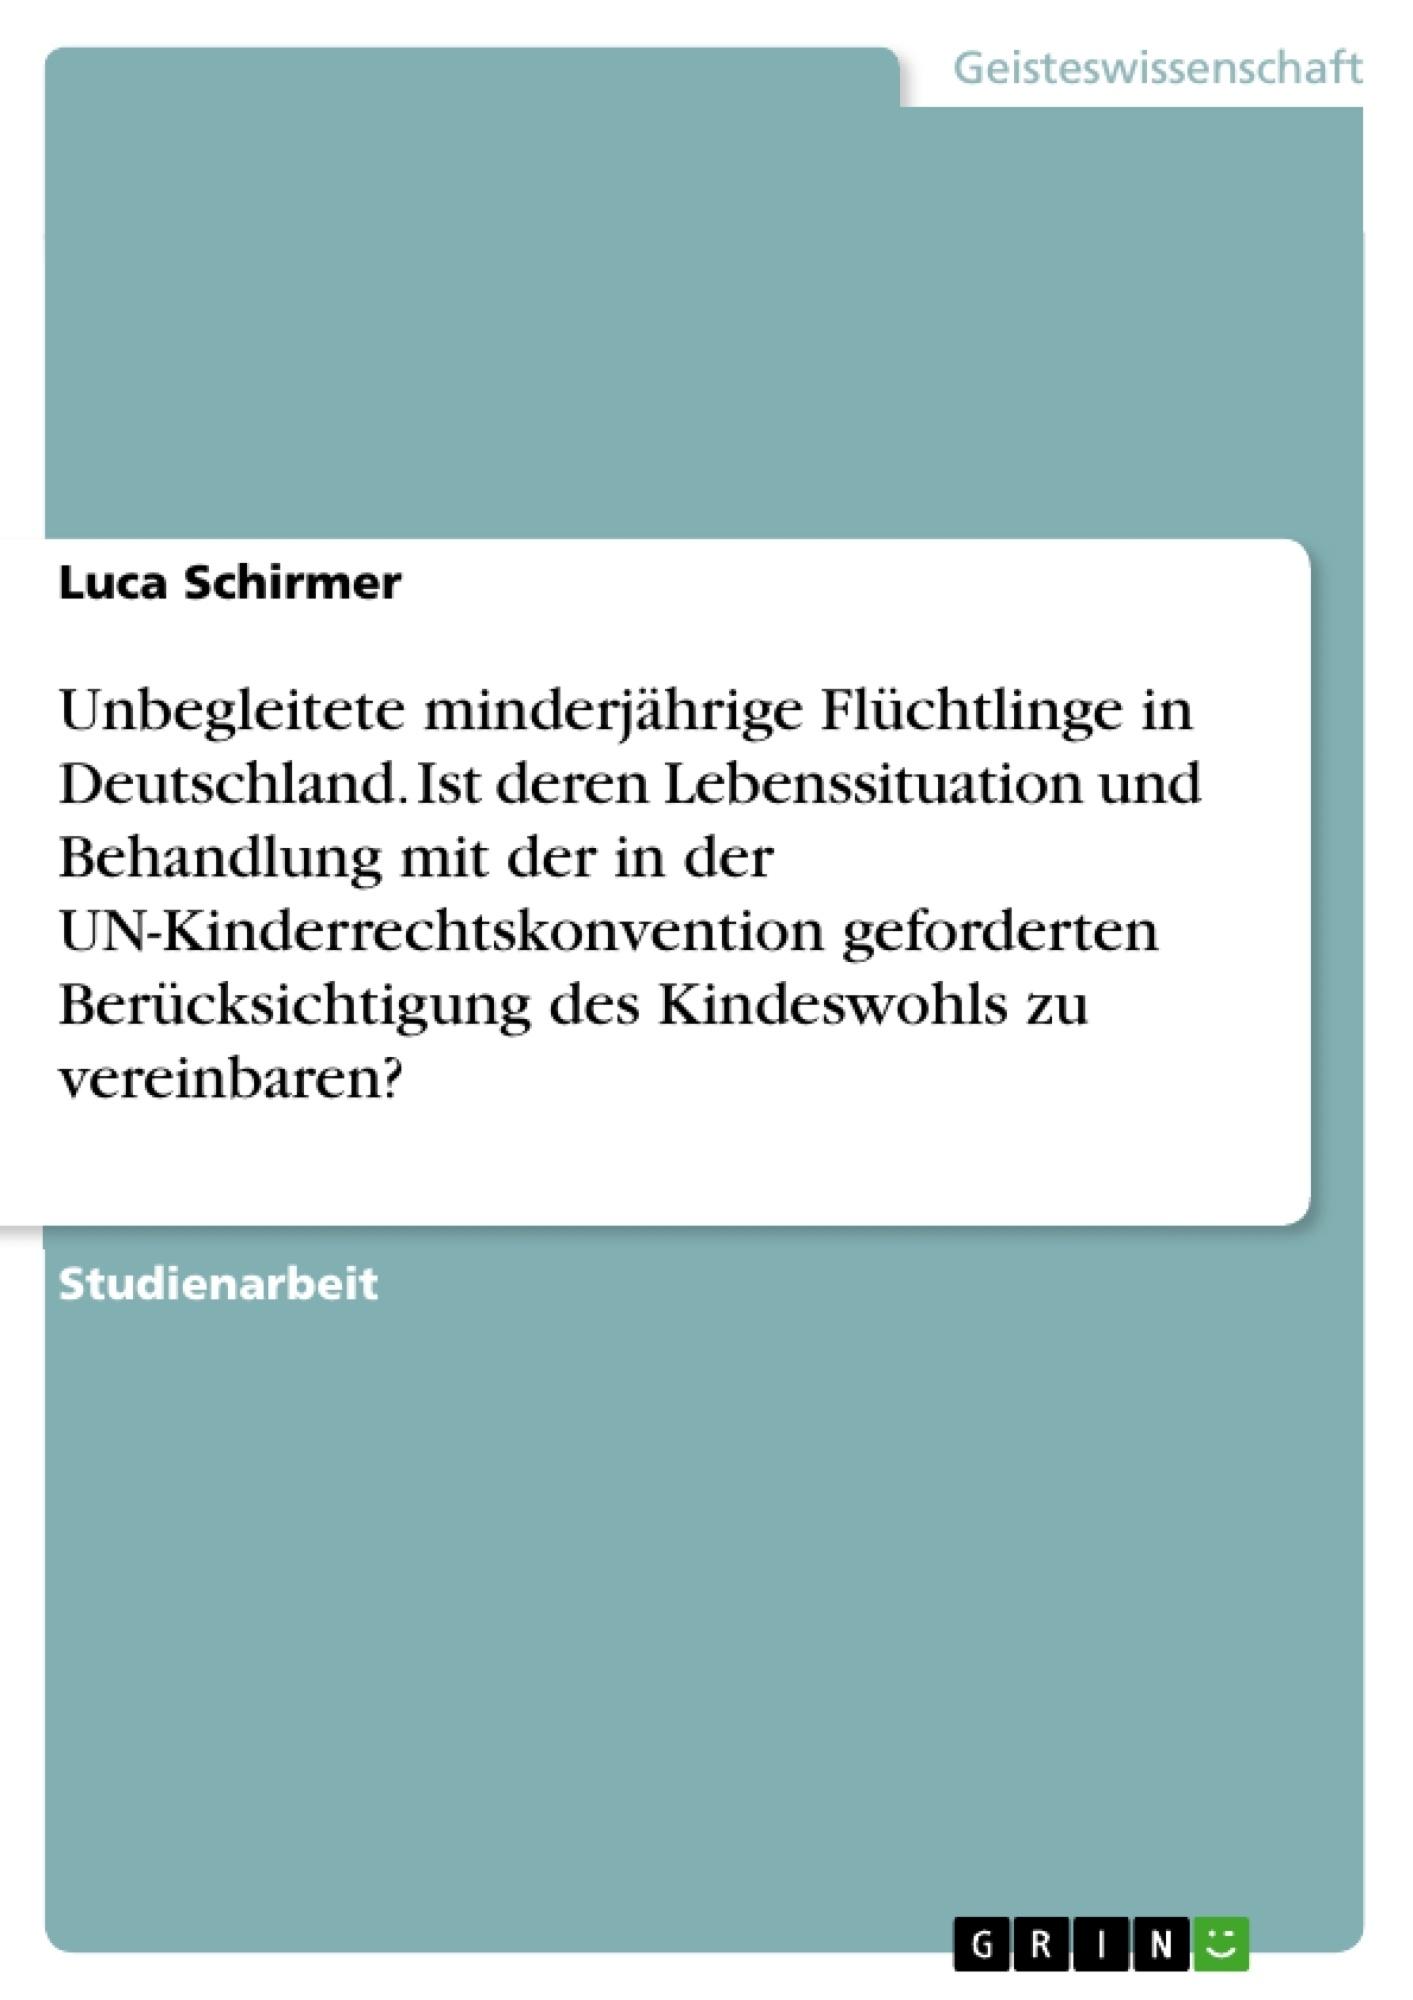 Titel: Unbegleitete minderjährige Flüchtlinge in Deutschland. Ist deren Lebenssituation und Behandlung mit der in der UN-Kinderrechtskonvention geforderten Berücksichtigung des Kindeswohls zu vereinbaren?